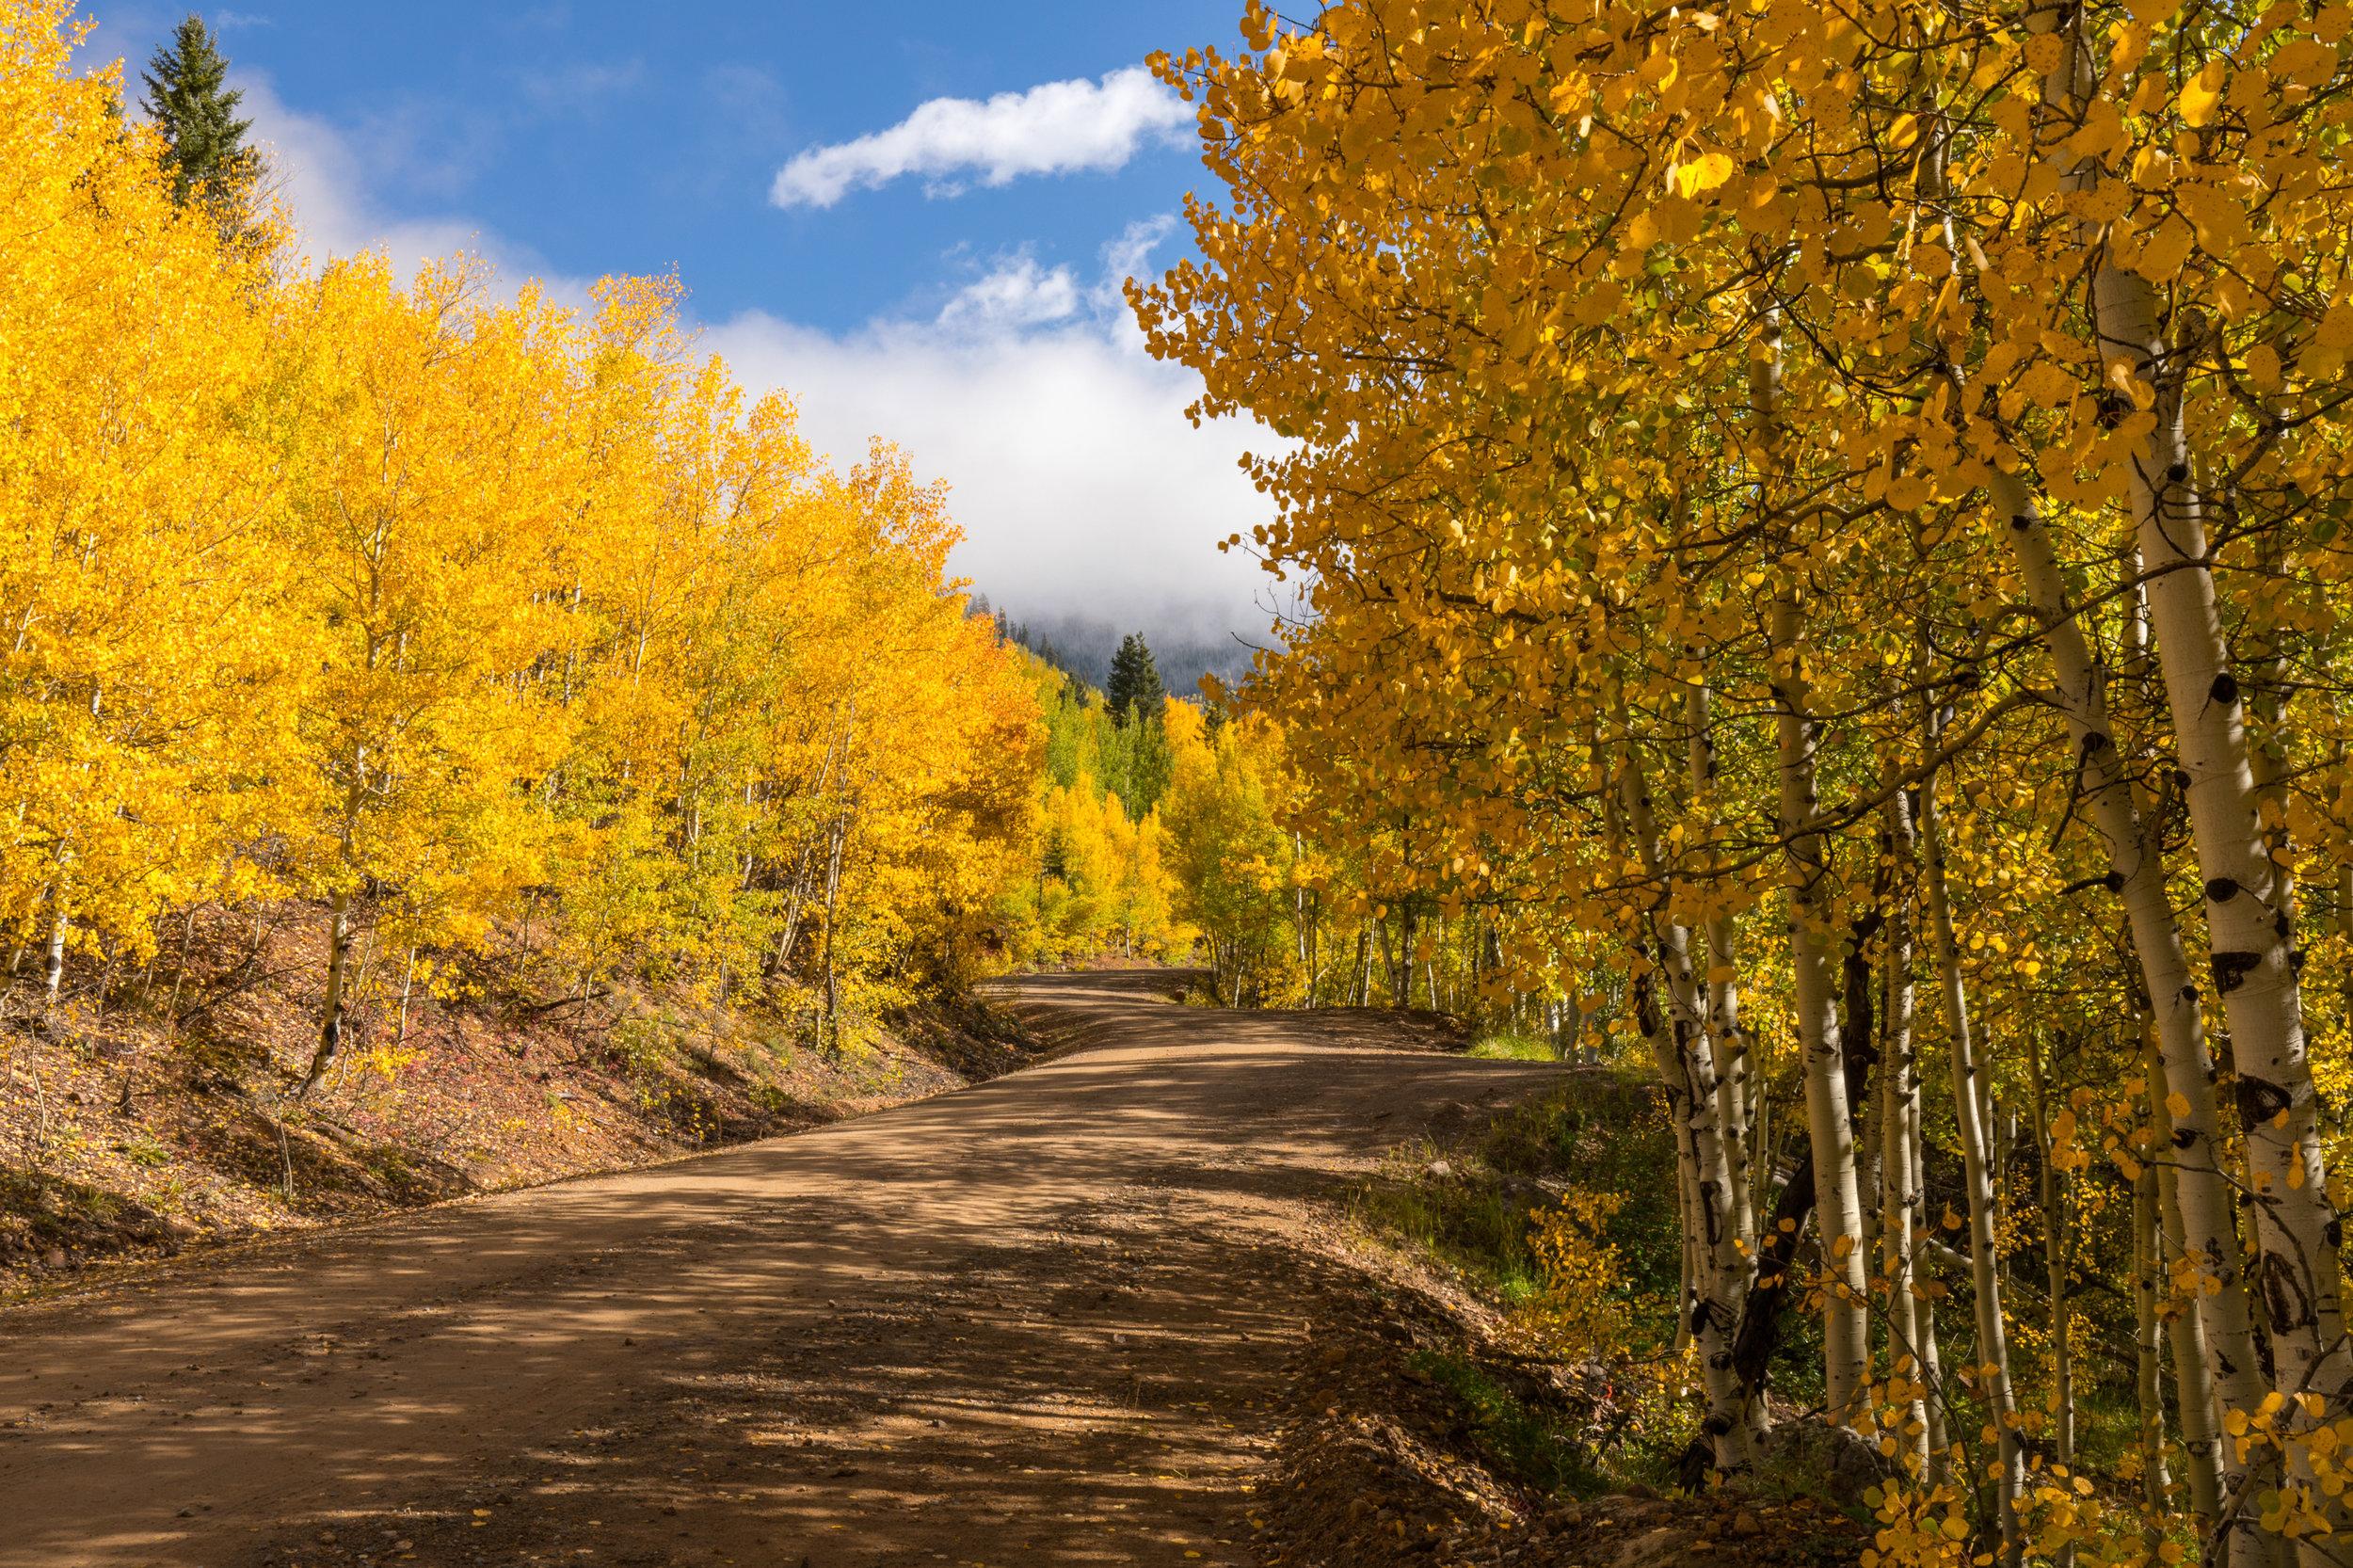 Silverton, Colorado, Image # 0804